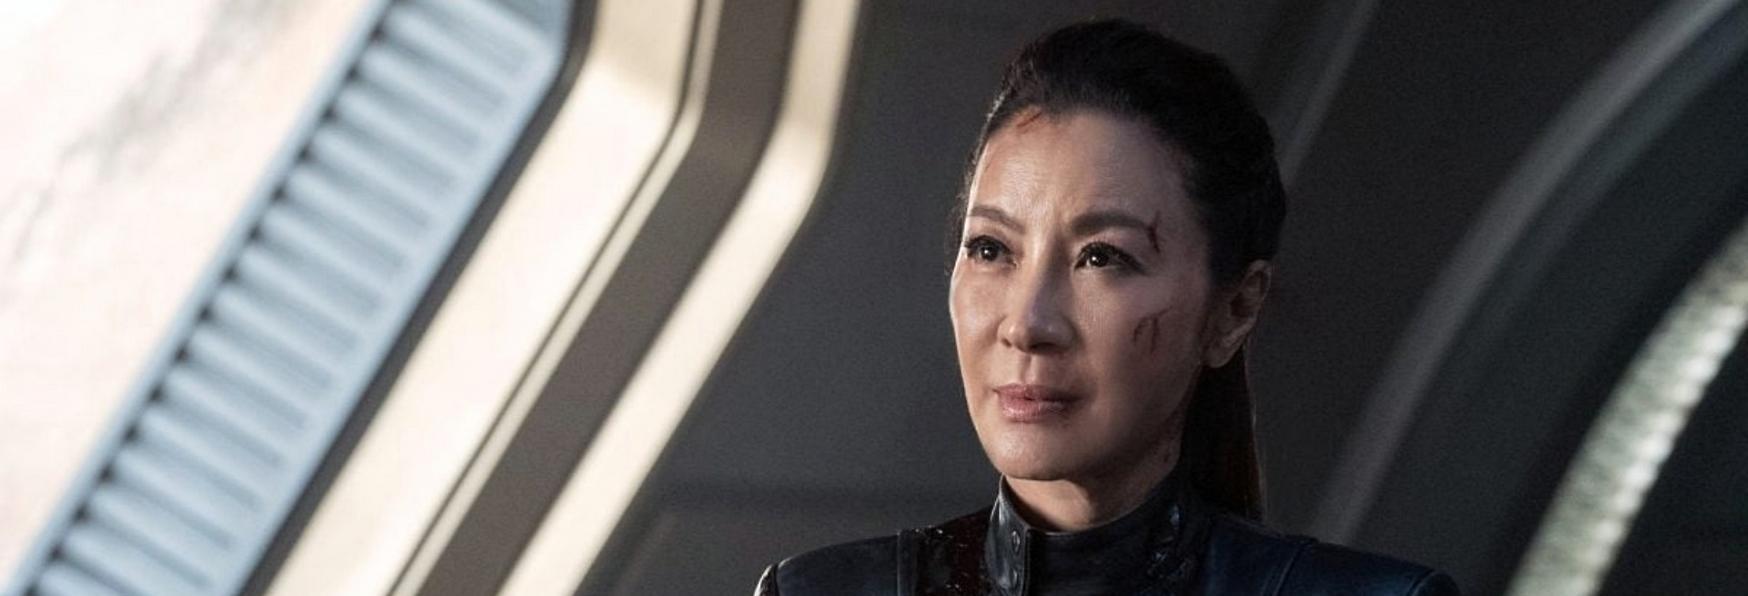 Star Trek: Discovery 3 - la Recensione del Sesto Episodio della nuova Stagione